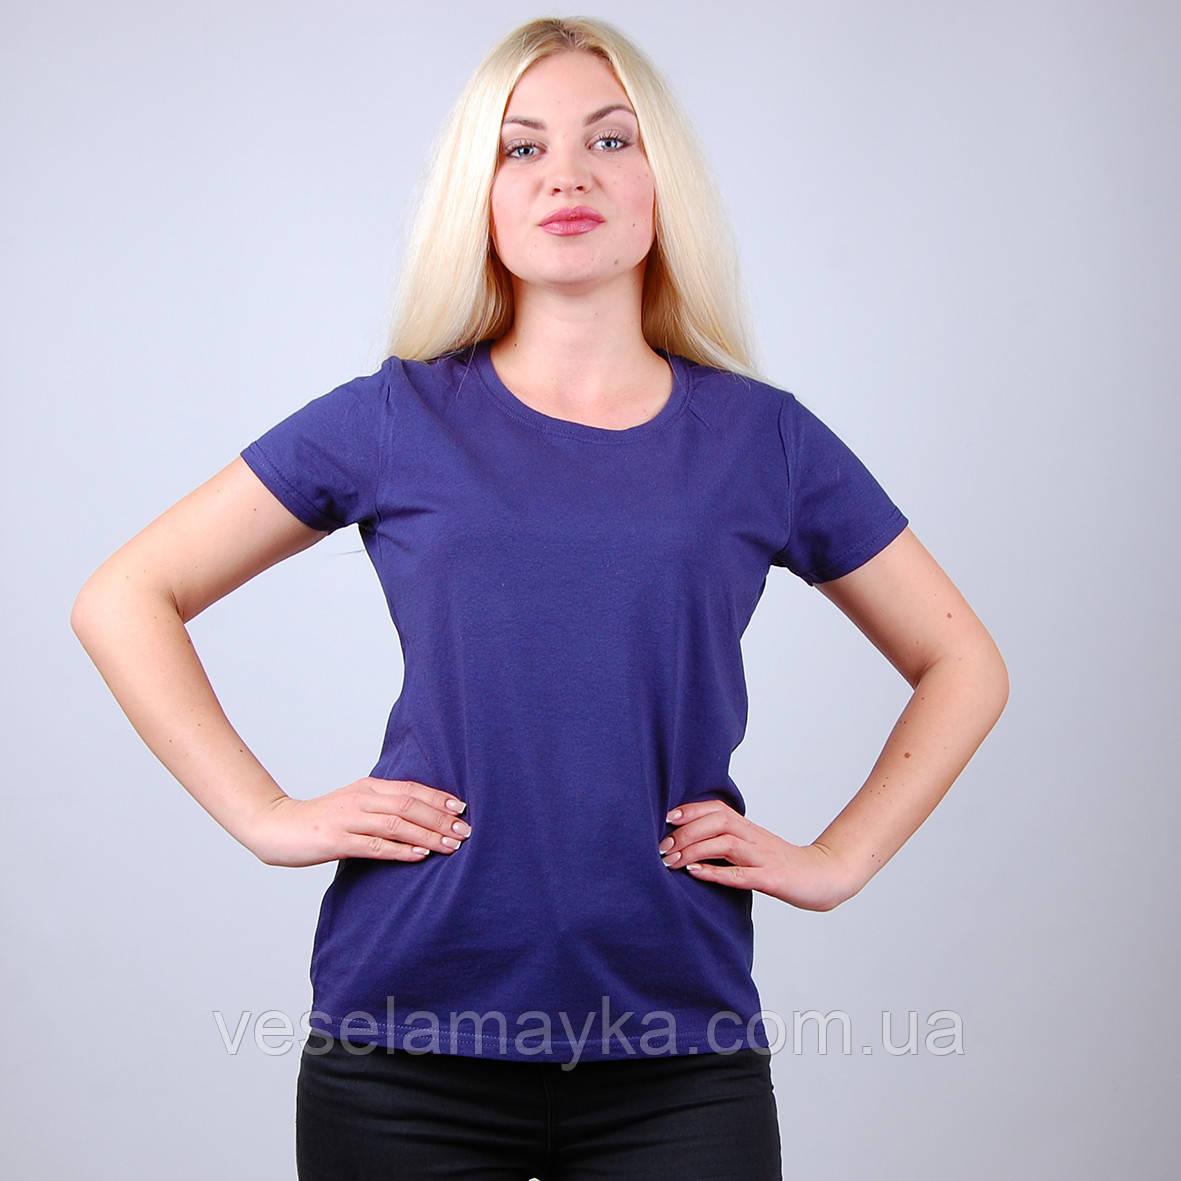 Темно-синя жіноча футболка (Комфорт)